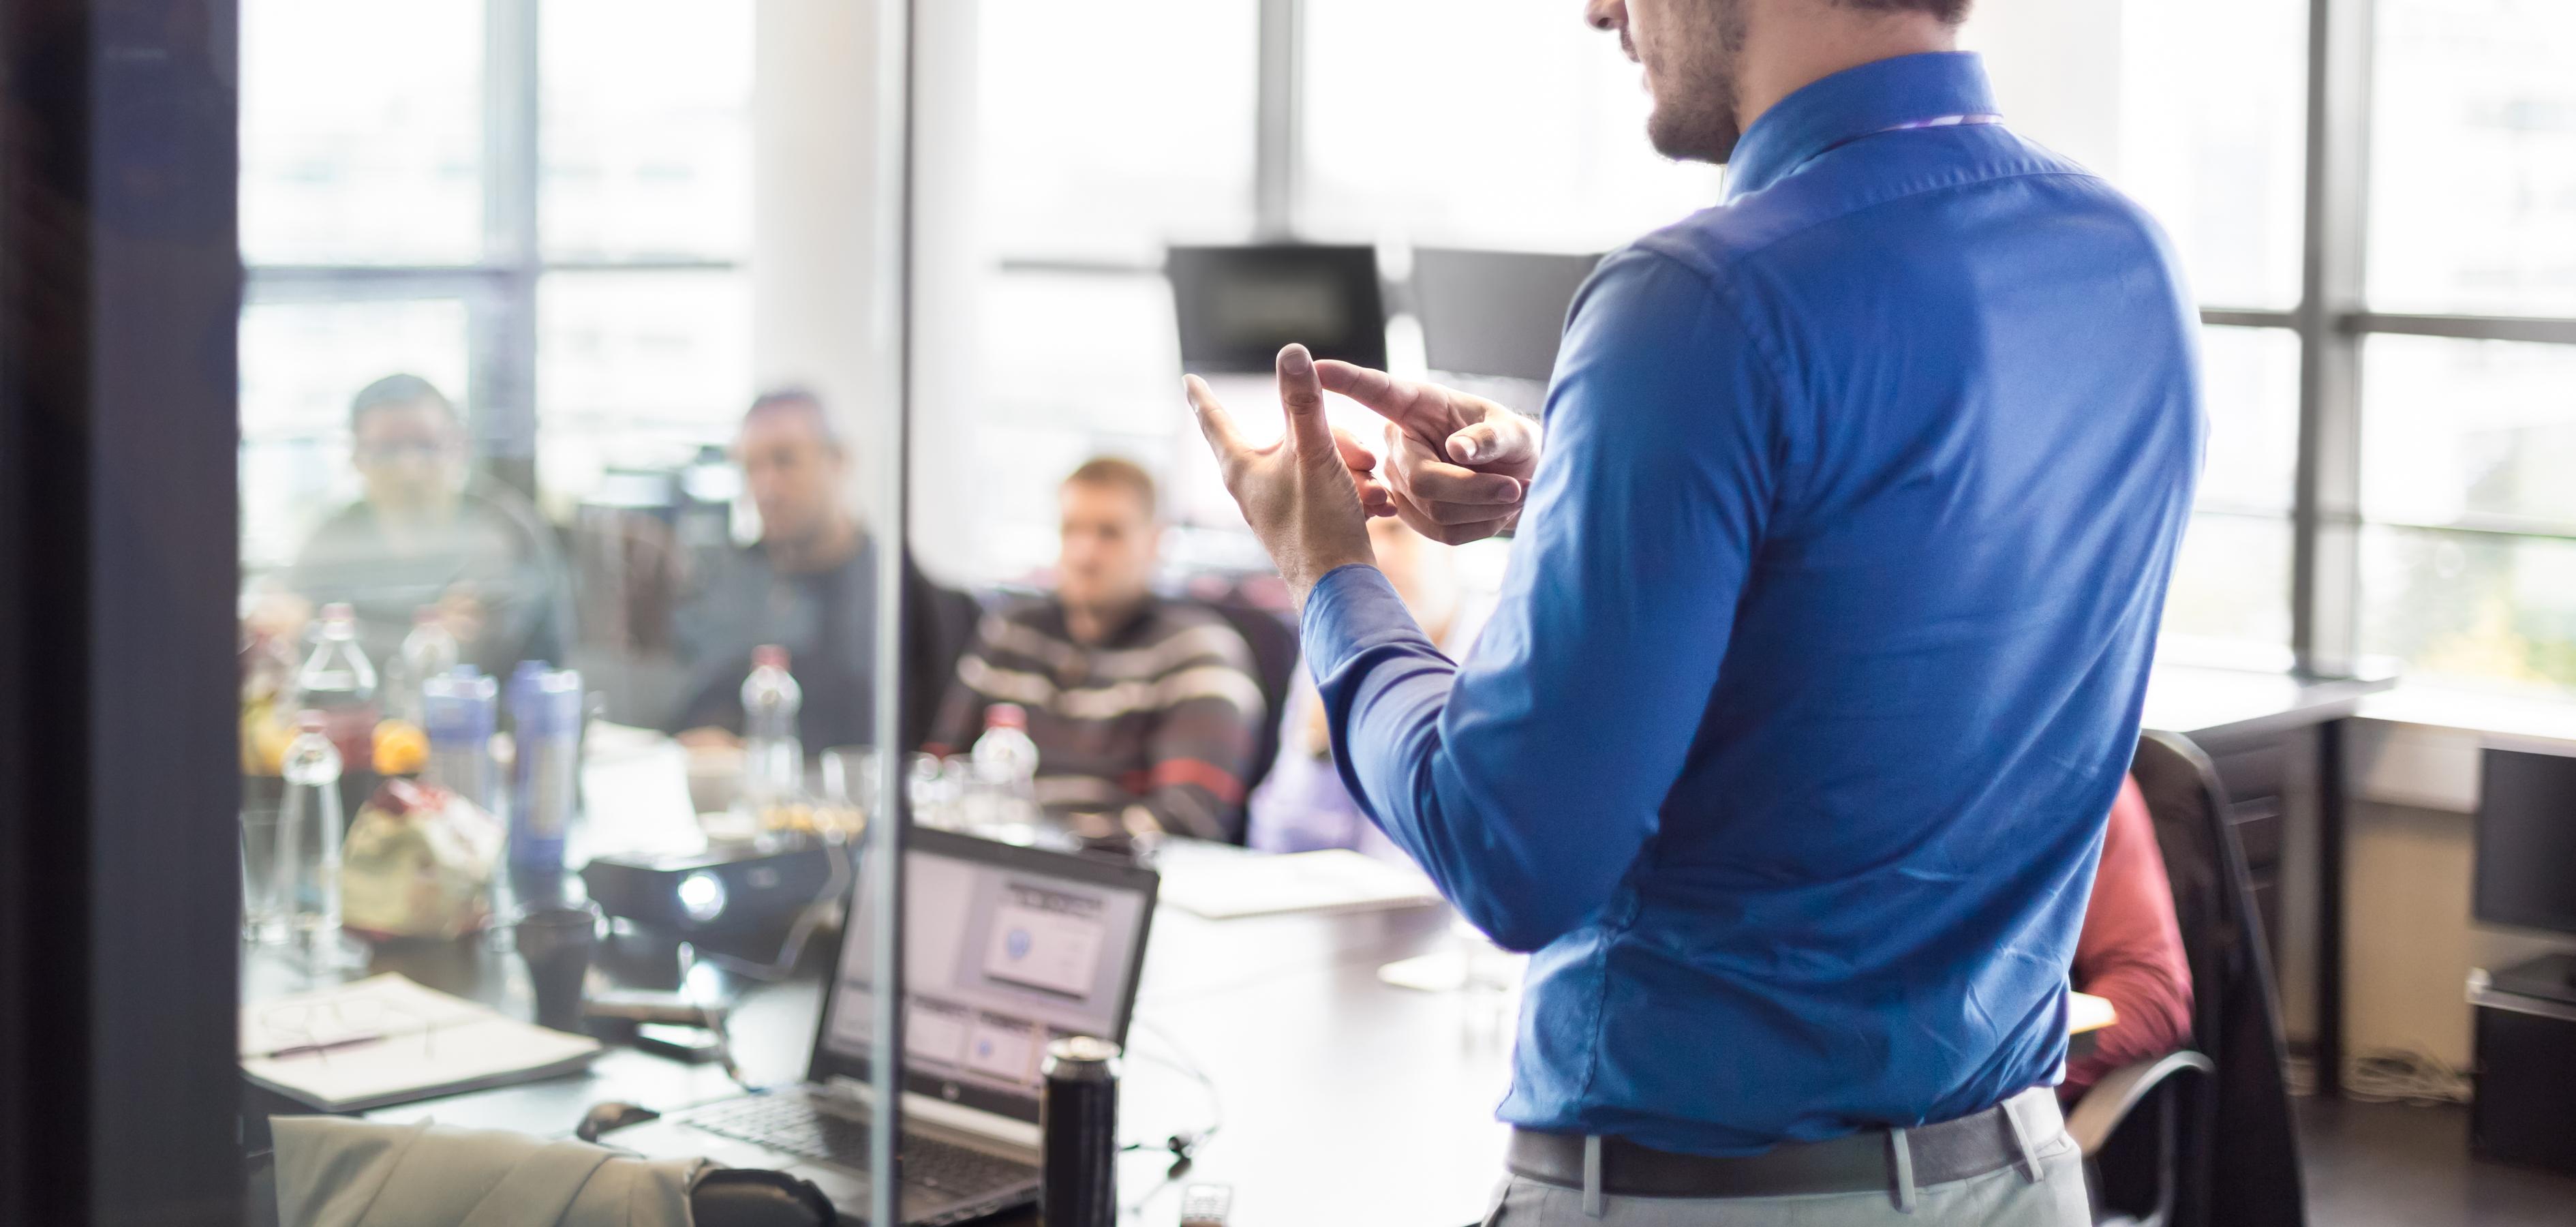 Formation en gouvernance avancée - Jouer pleinement son rôle d'administrateur : des outils à votre disposition (21 janvier 2020)